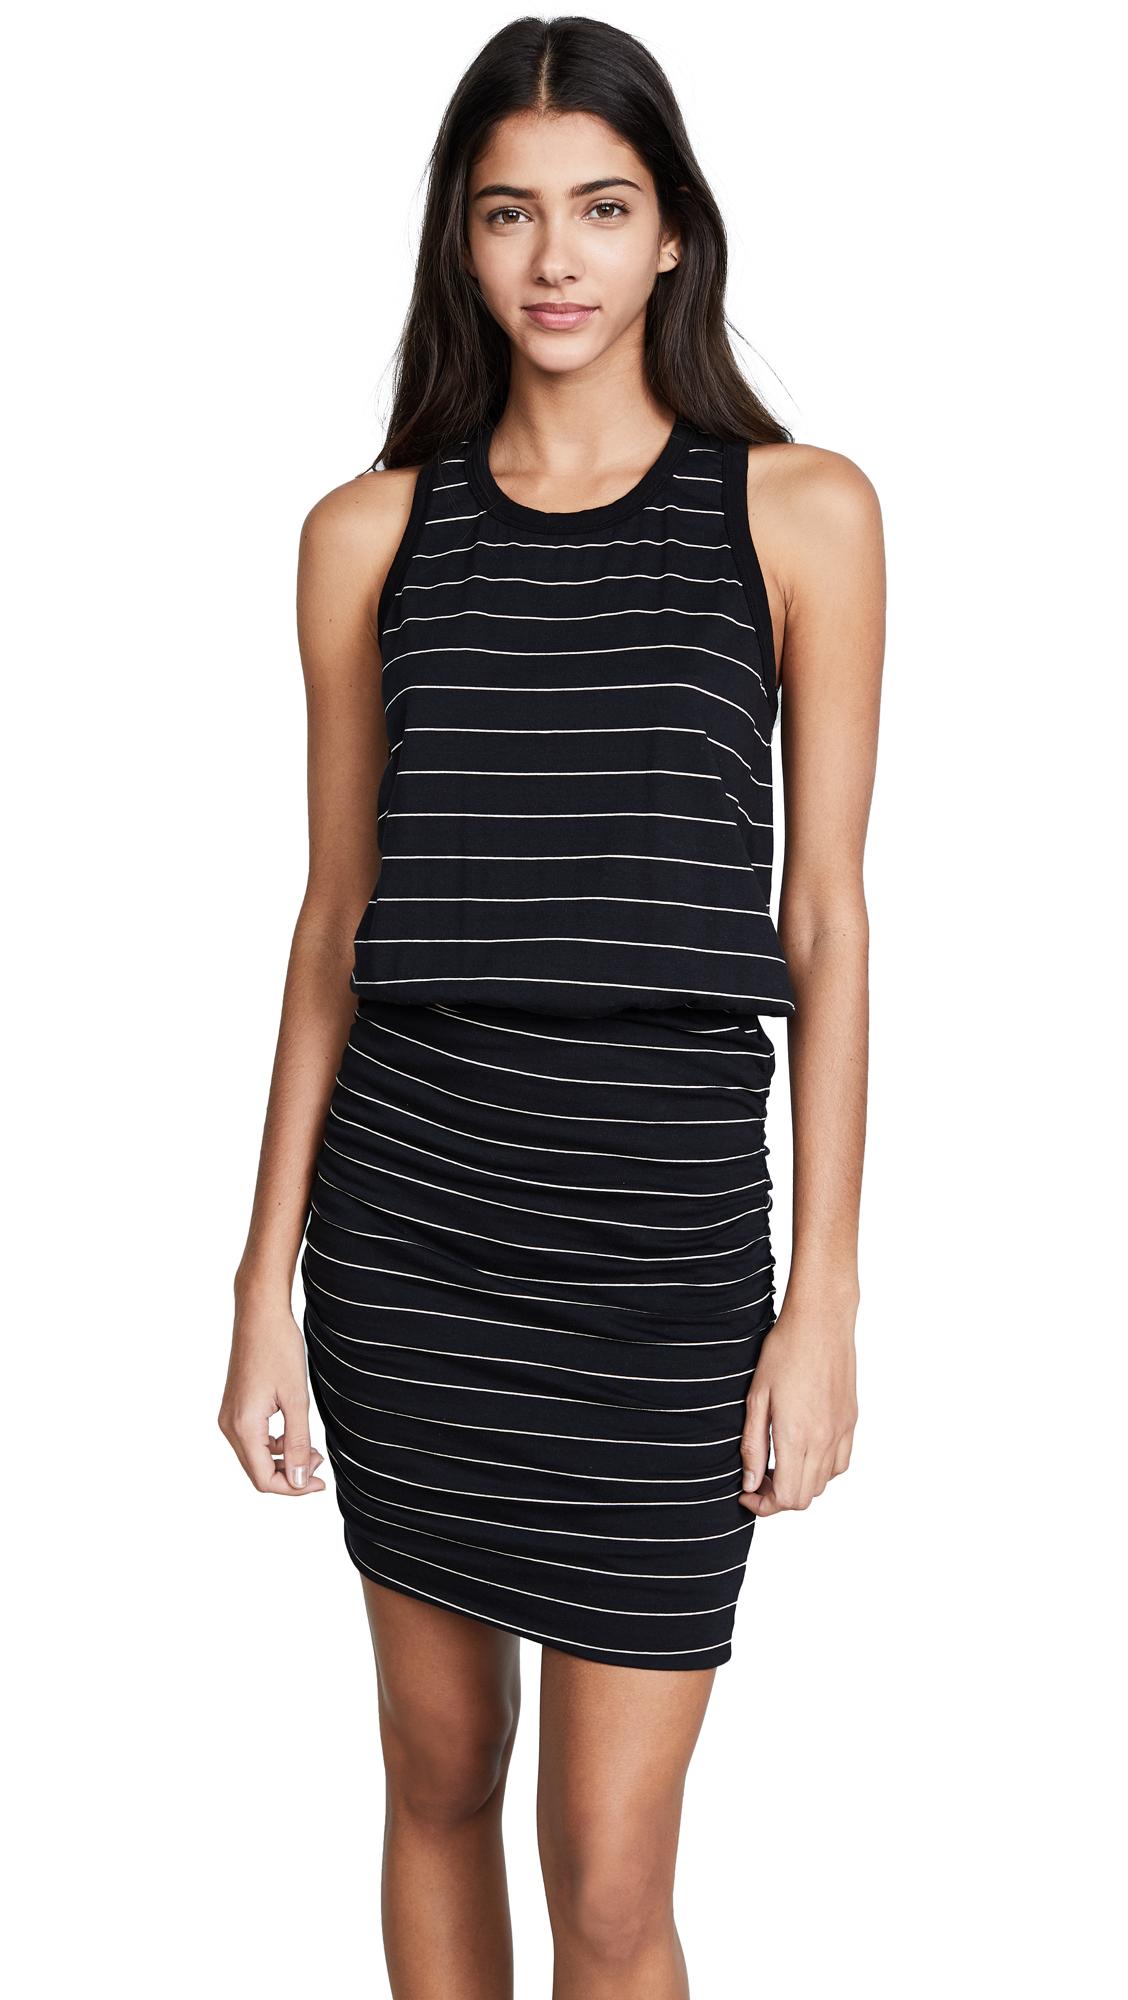 7a8566d4deef8 Sundry Sleeveless Dress In Black Cream